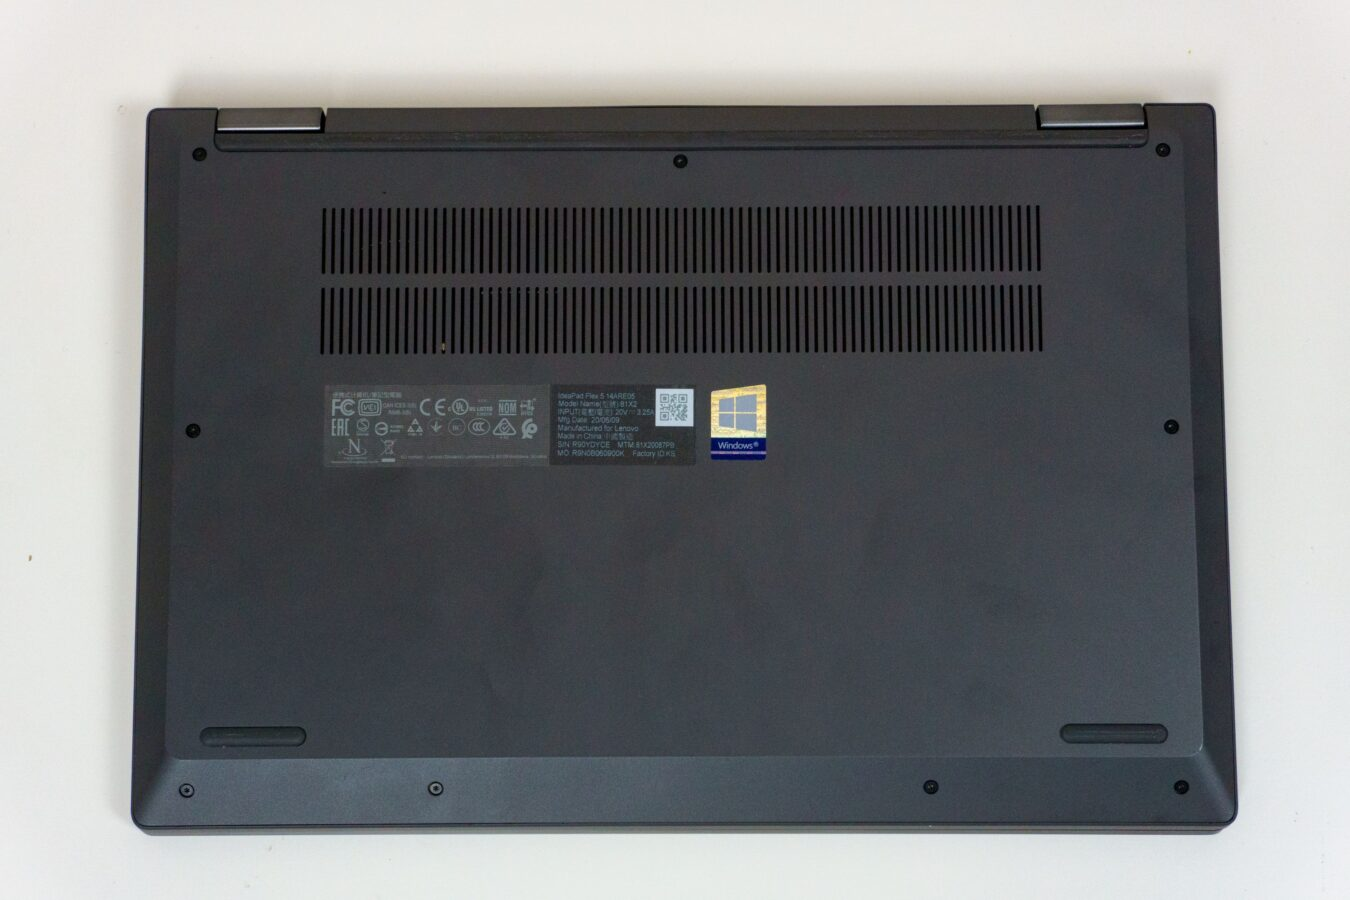 Recenzja Lenovo IdeaPad Flex 5-14 - konwertowalna niespodzianka z AMD Renoir w roli głównej